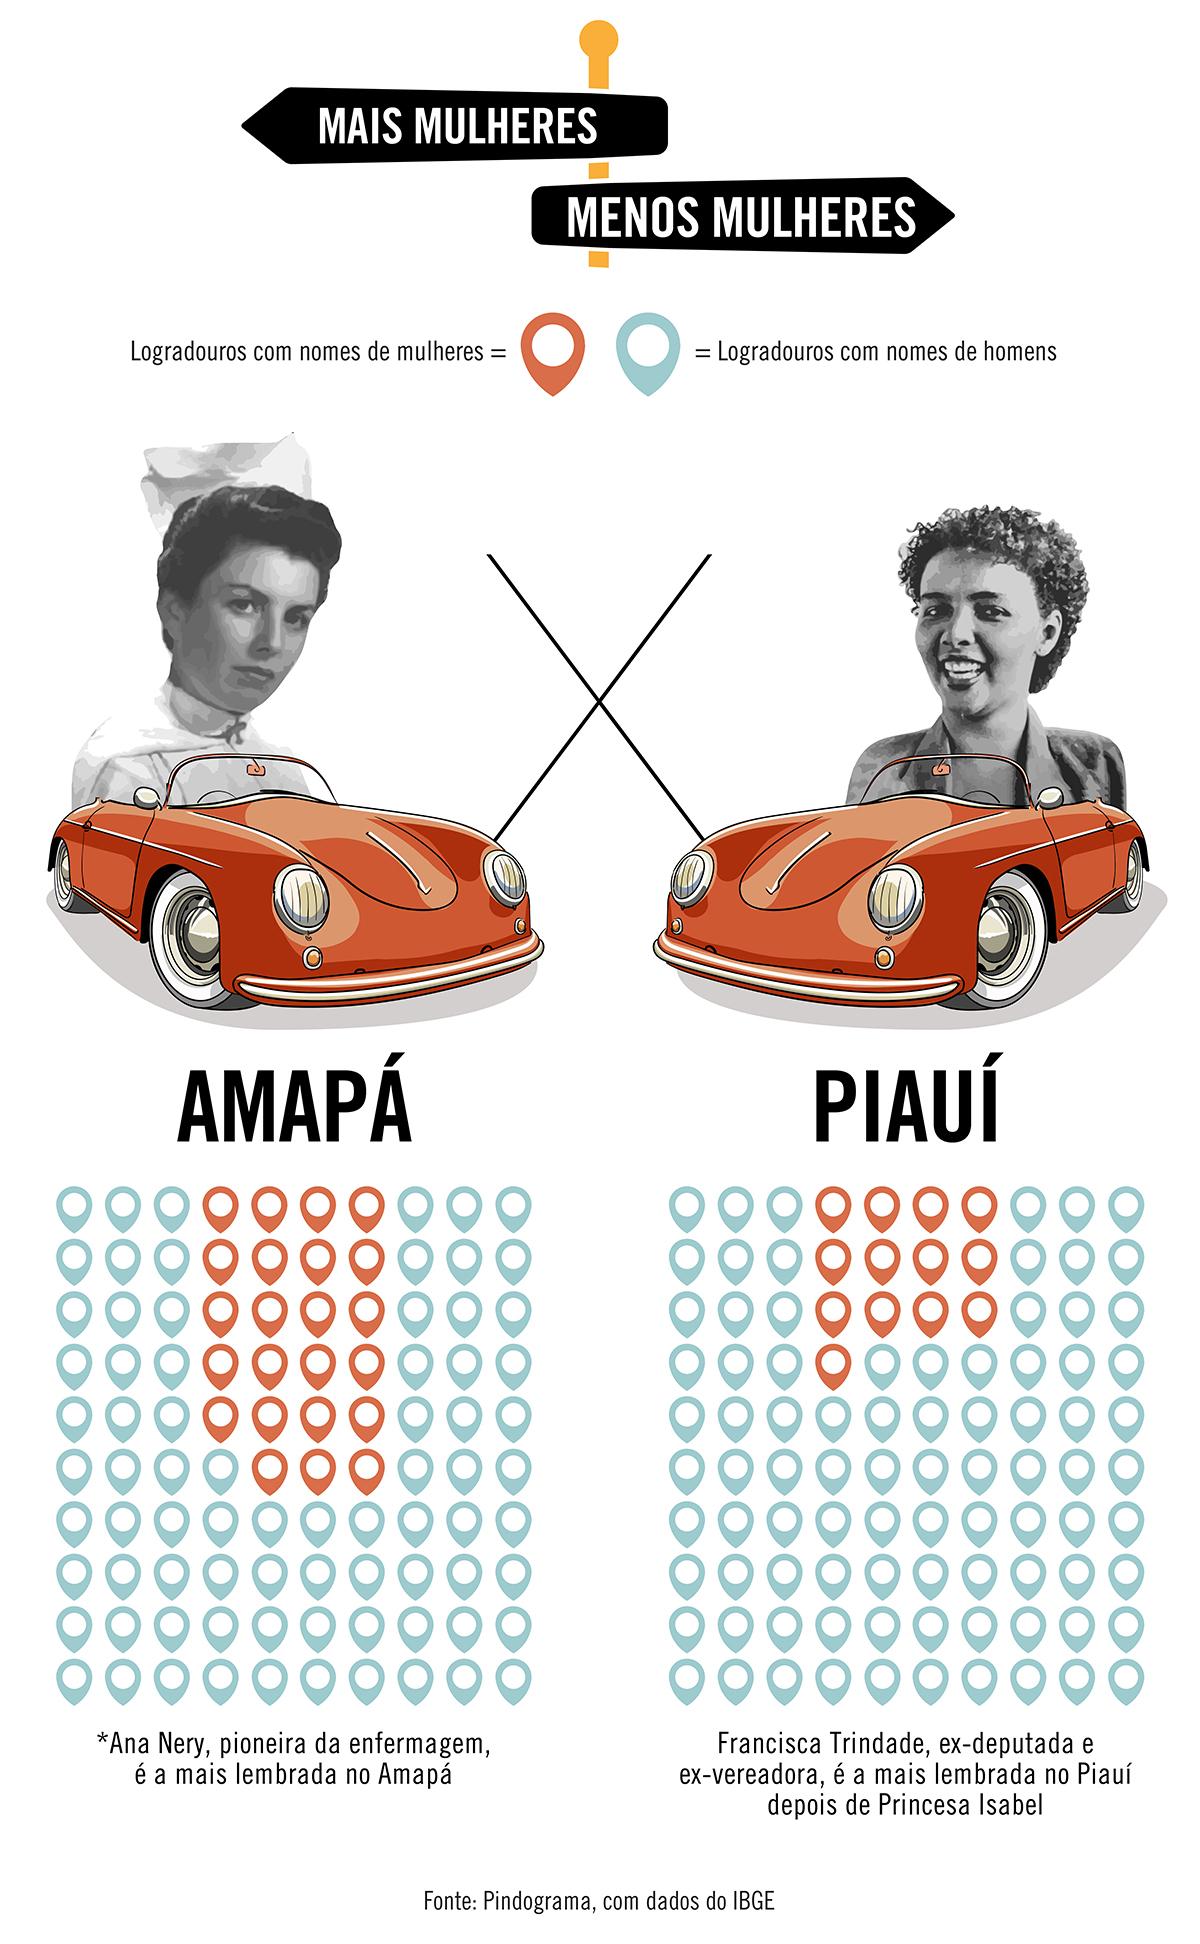 Amapá é o estado com maior representatividade feminina em nomes de ruas; Piauí tem a menor